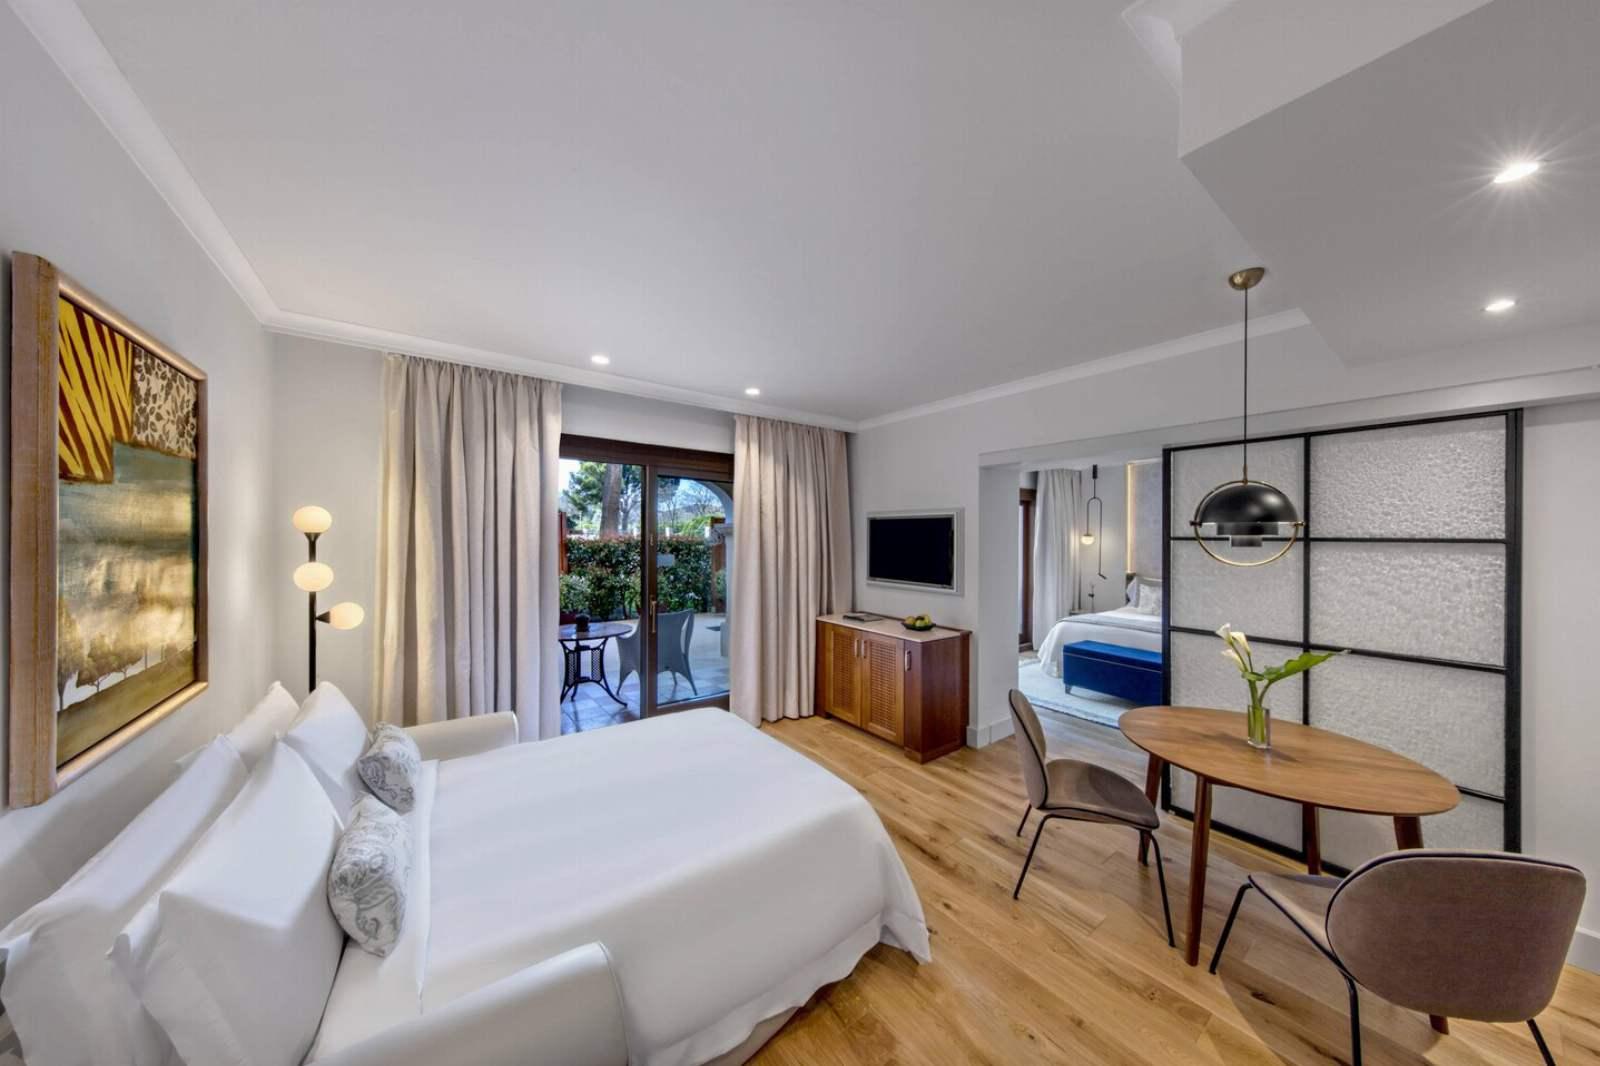 St. Regis Mardavall Resort - Family Room